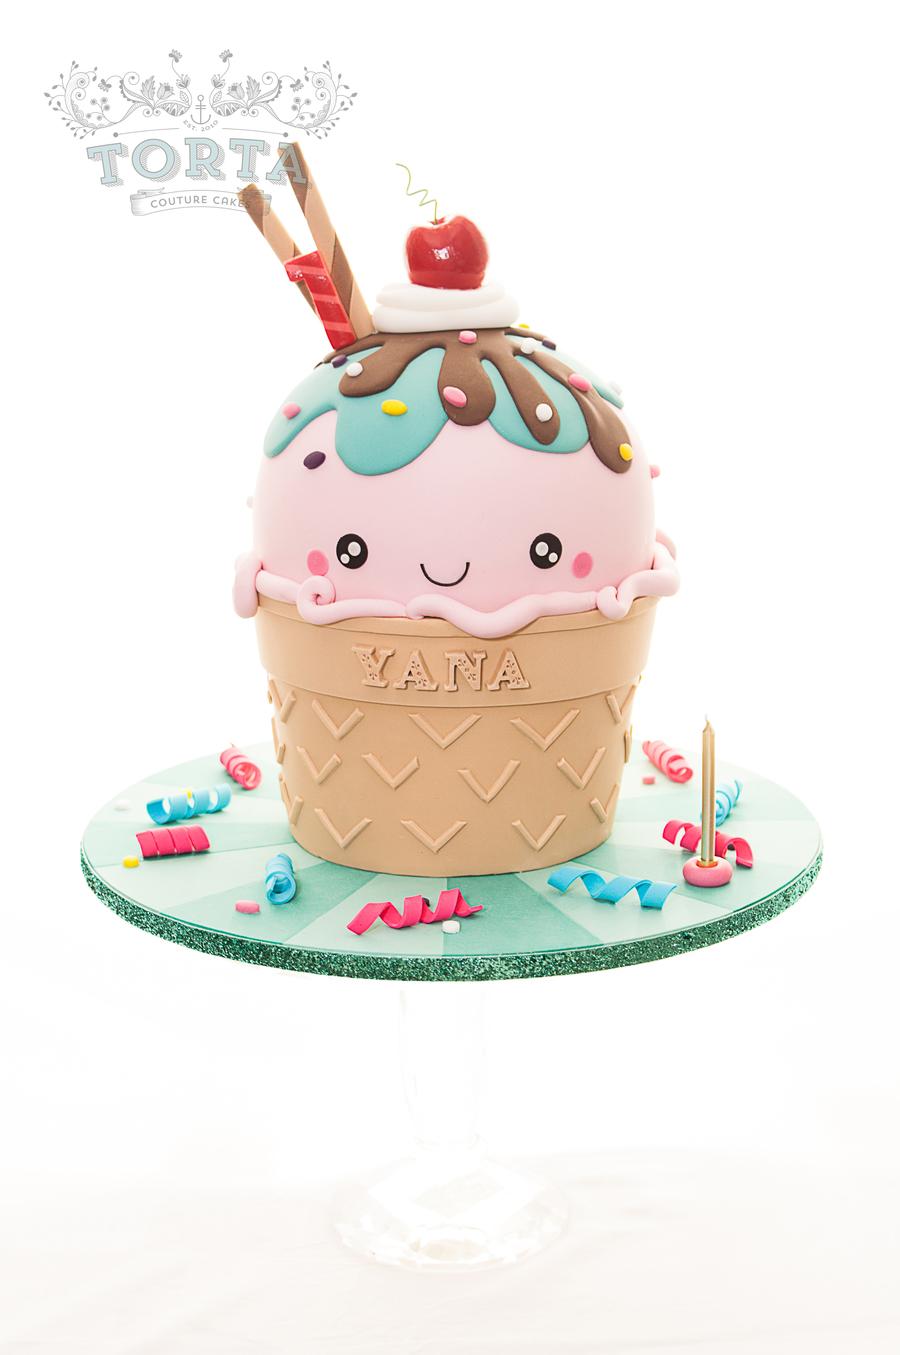 Giant Ice Cream Cake